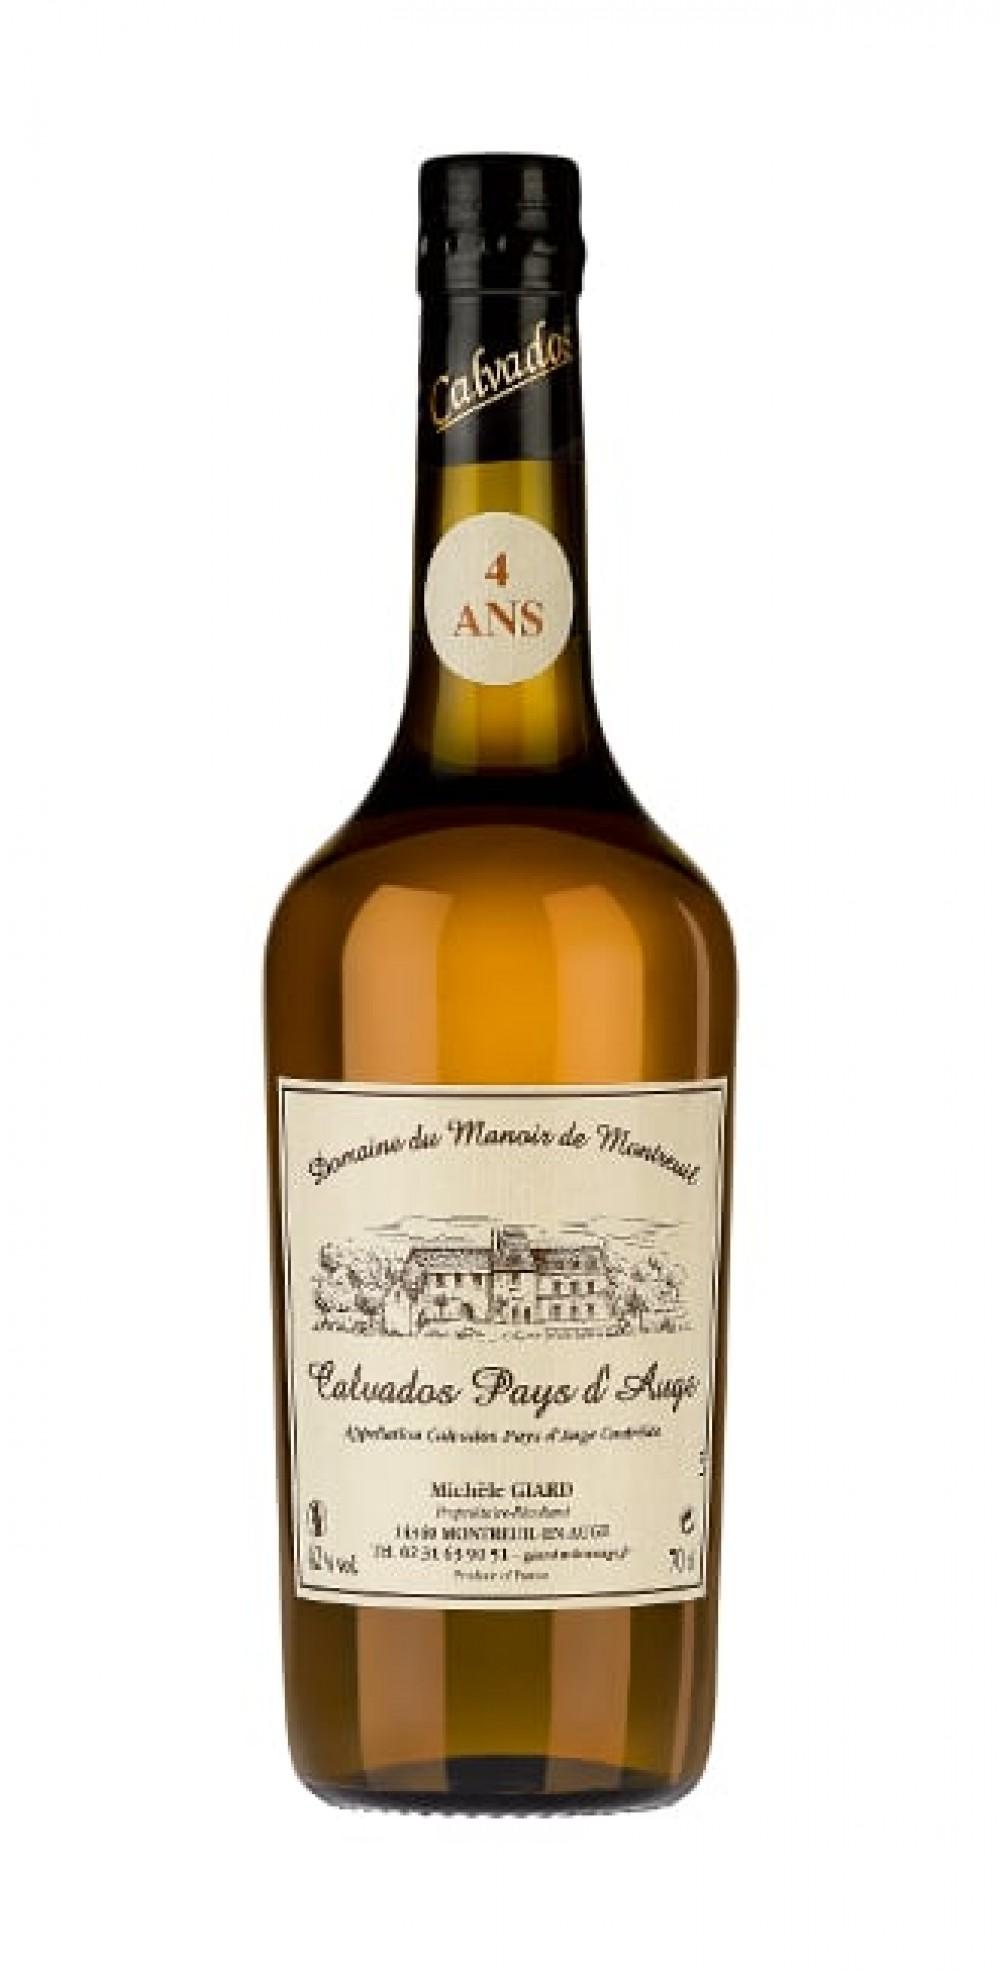 Confezione regalo Calvados Pays d'Auge Giard 4 anni